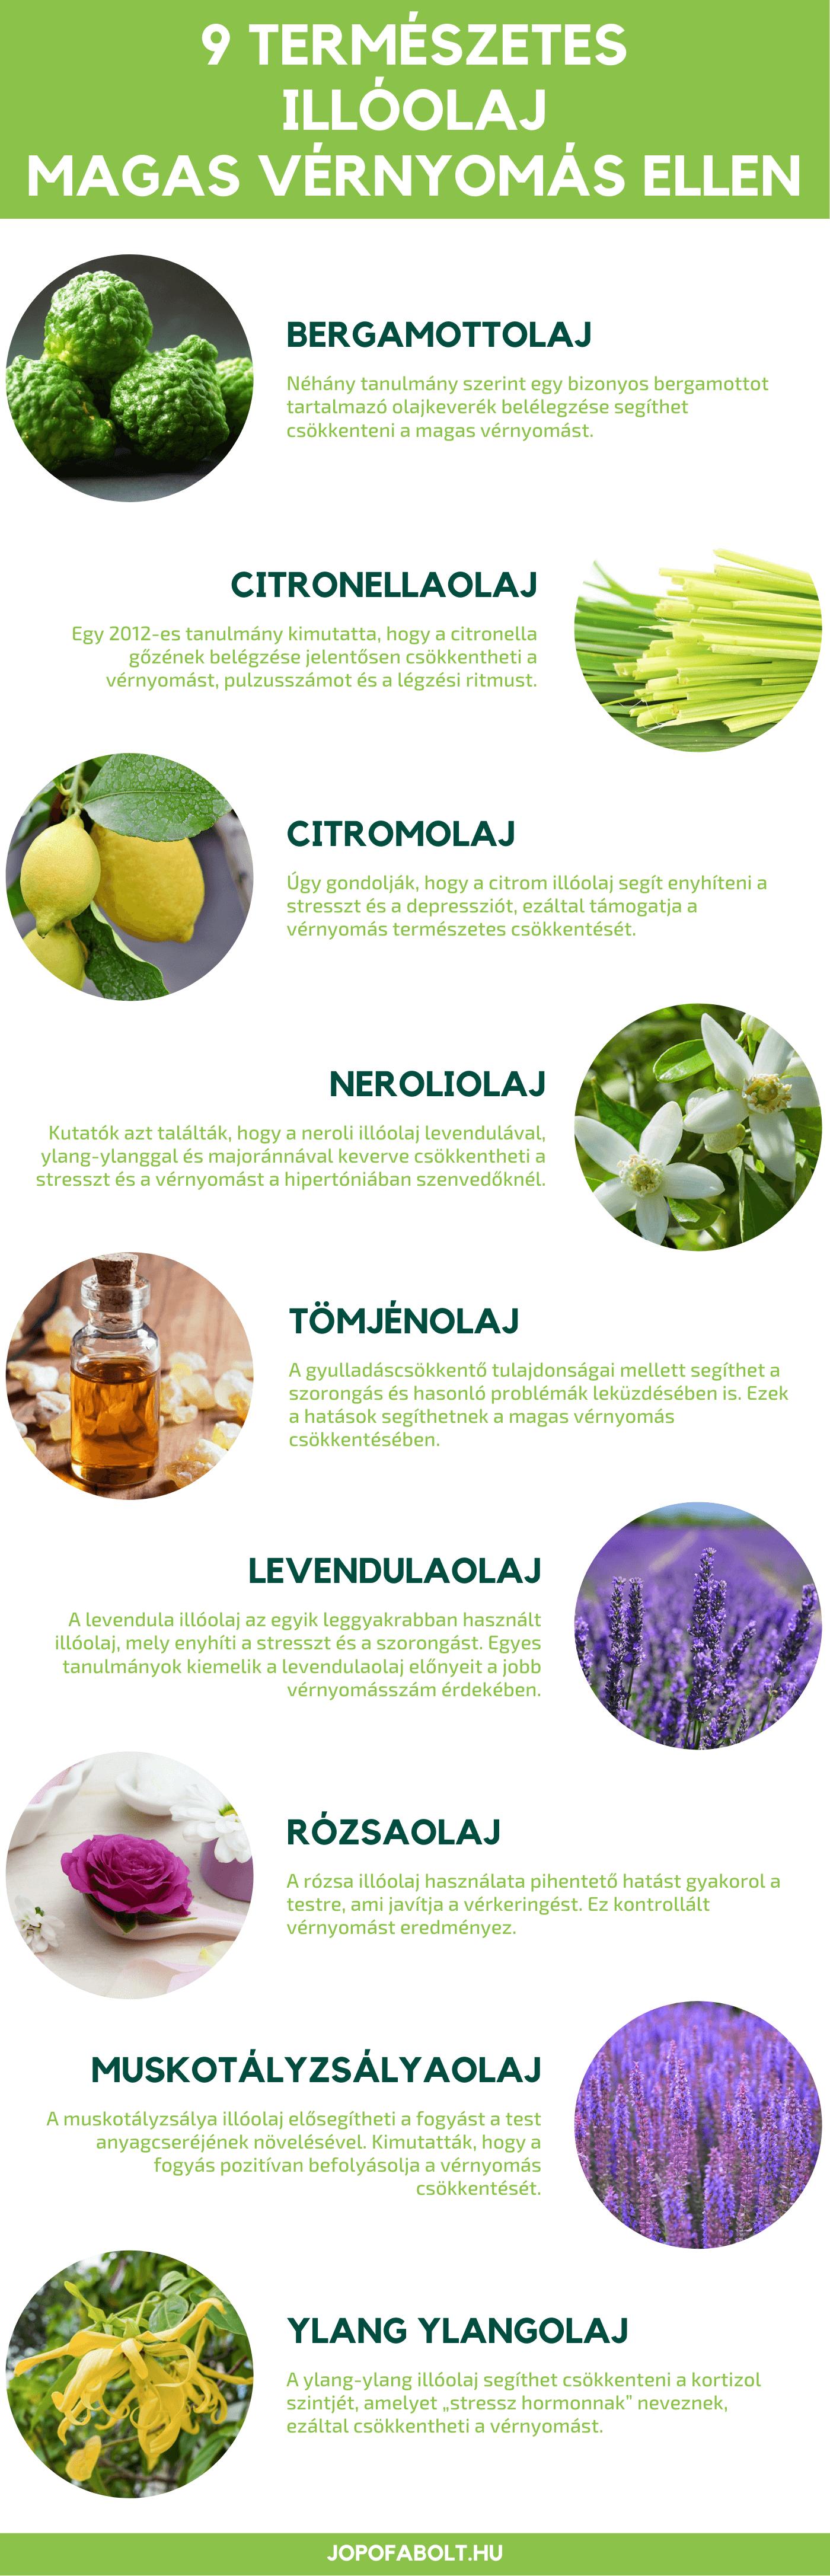 8 tény a magas vérnyomásról - A magas vérnyomásban szenvedő növények